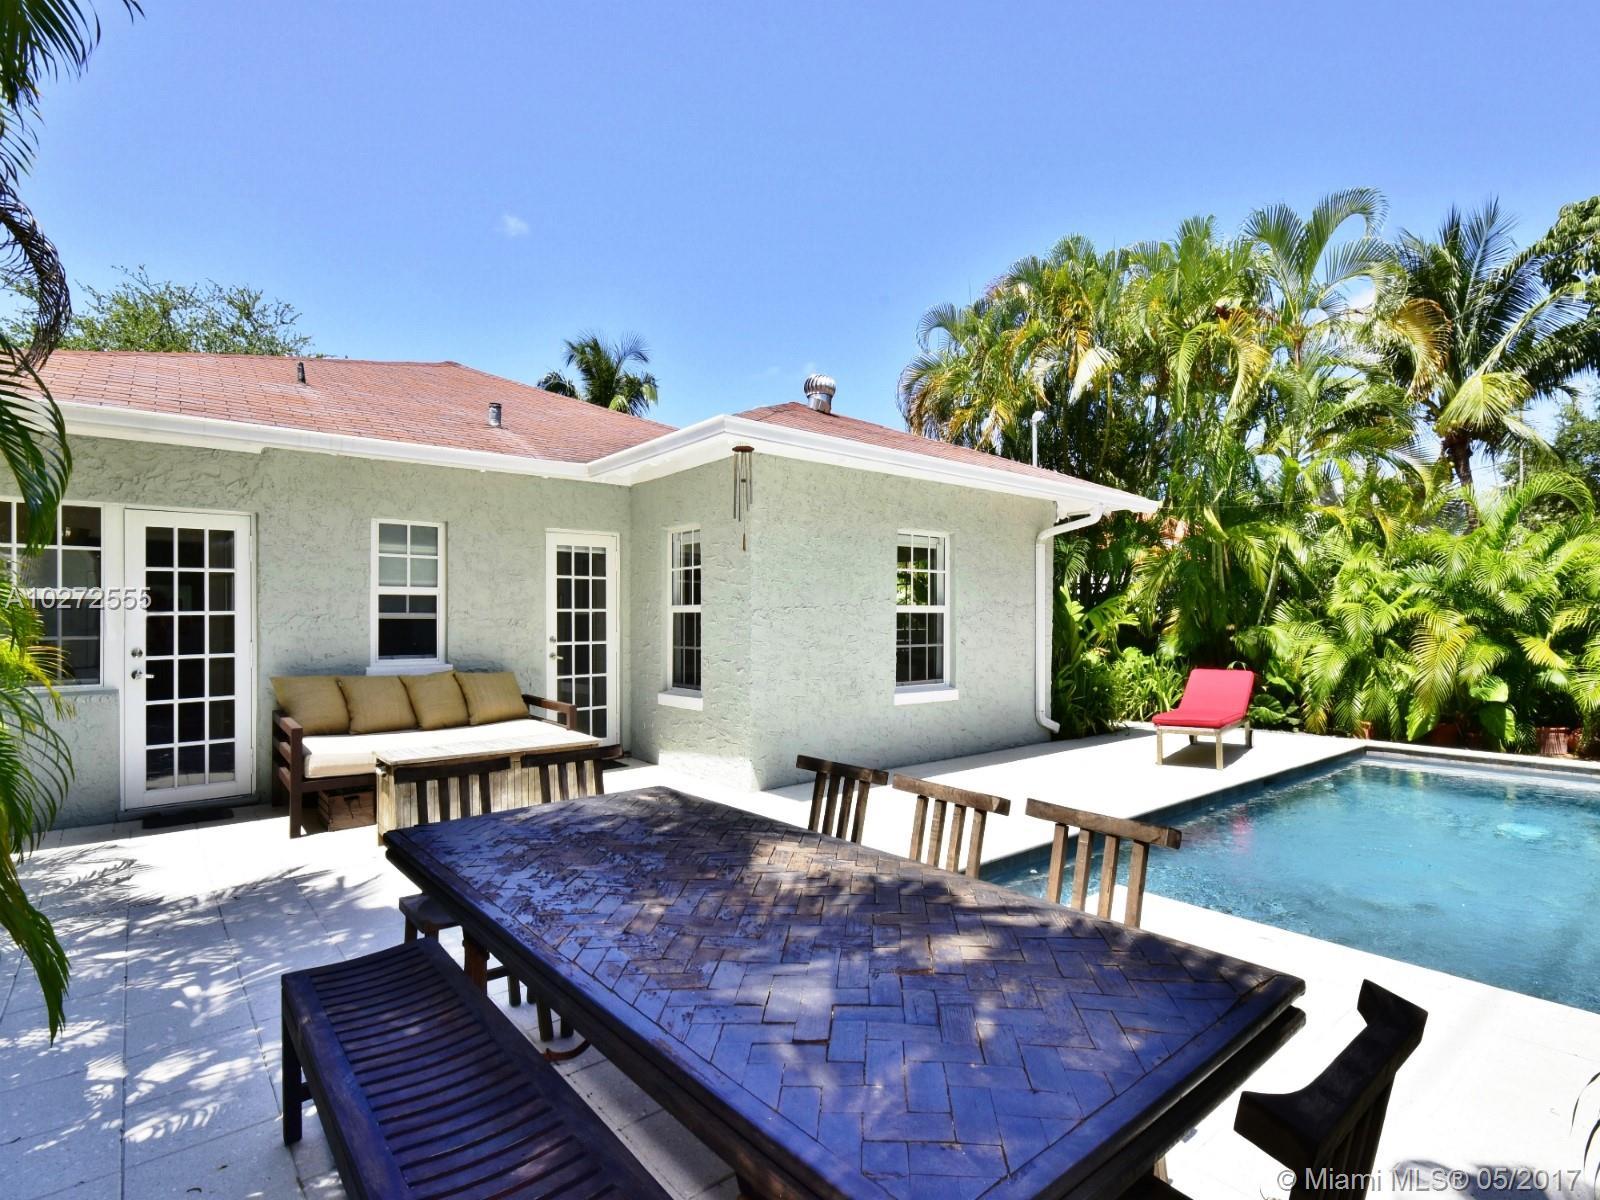 754 NE 81st St, Miami, FL 33138